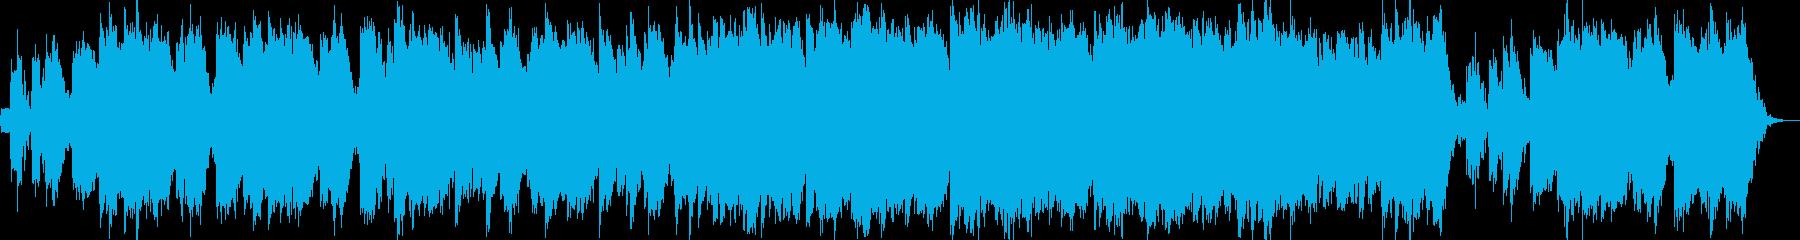 フワフワとしたアンビエントの再生済みの波形